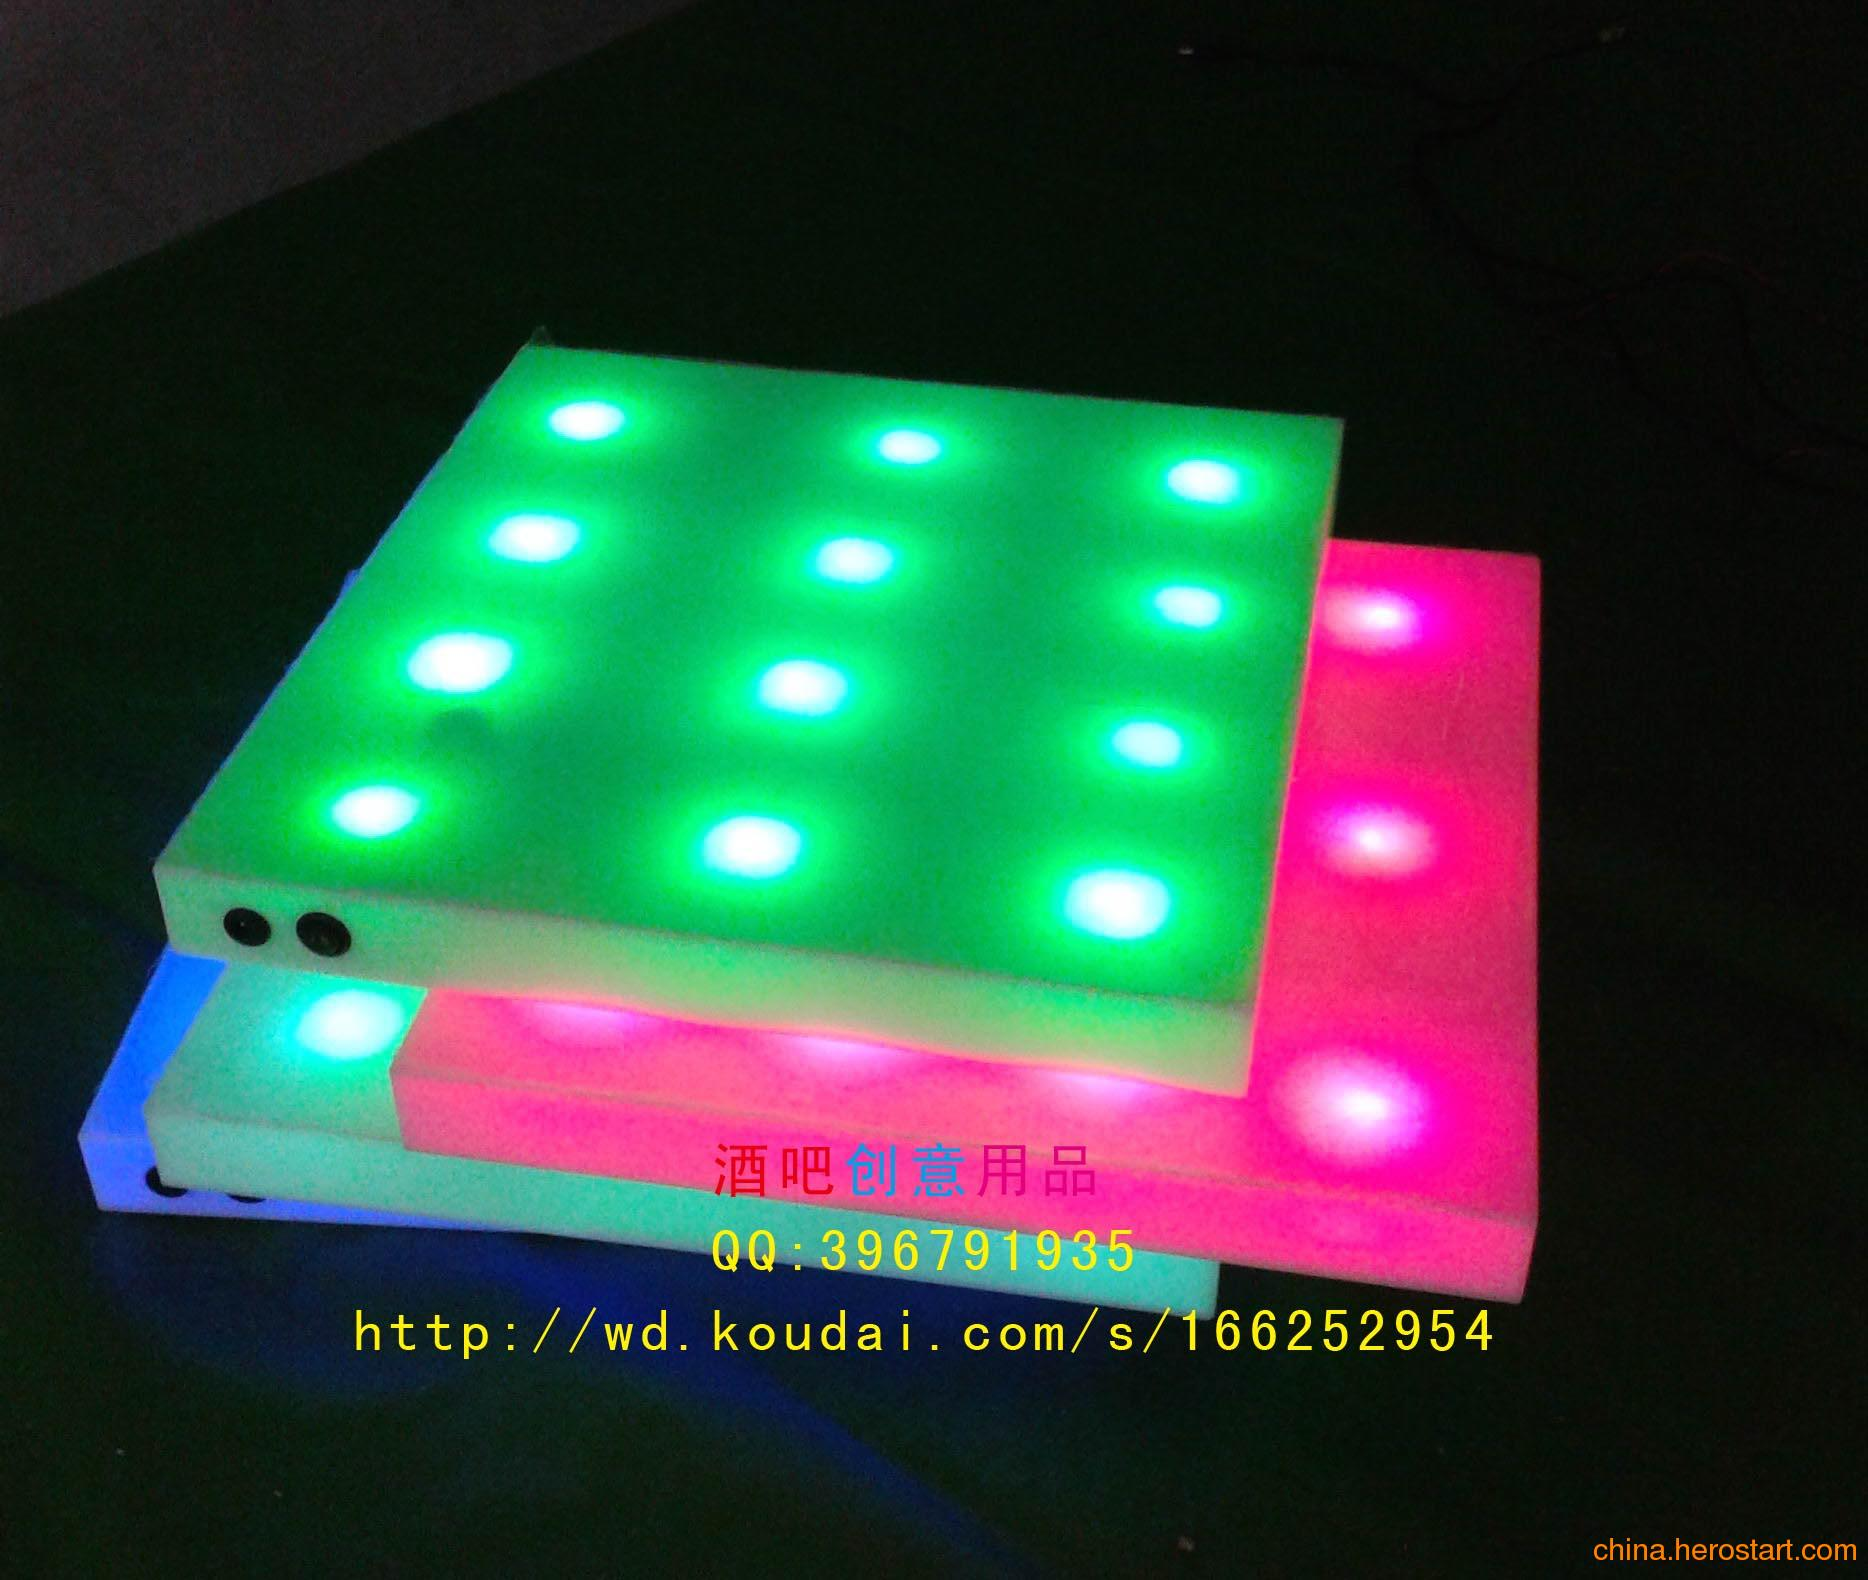 供应发光托盘,发光酒塔,亚克力发光底盘,LED充电发光托盘,酒吧用品